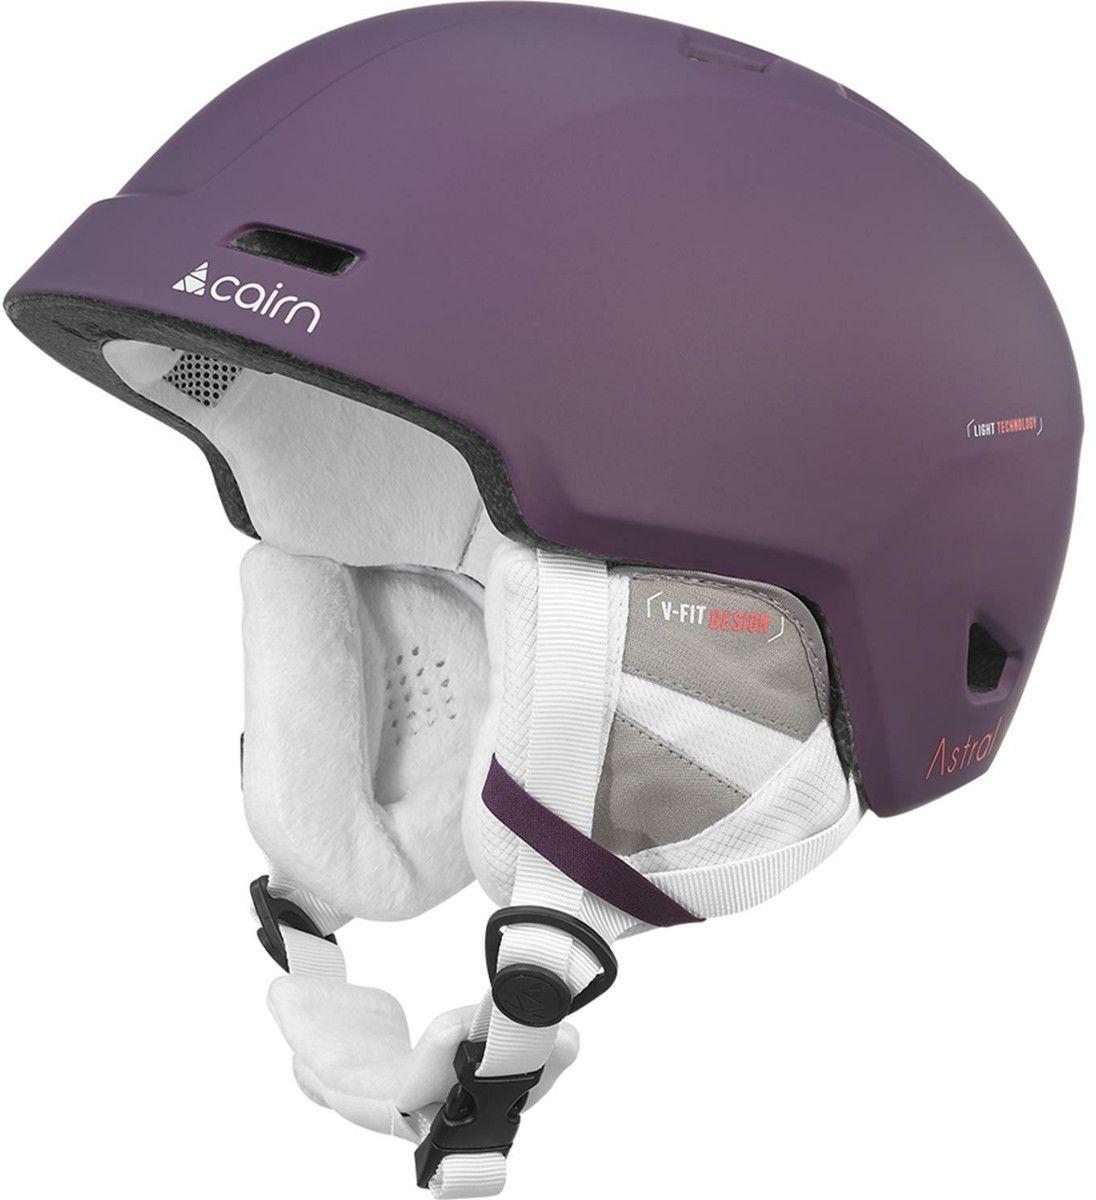 CAIRN kask zimowy narciarski/snowboardowy ASTRAL fioletowy Rozmiar: 55-56,060614023